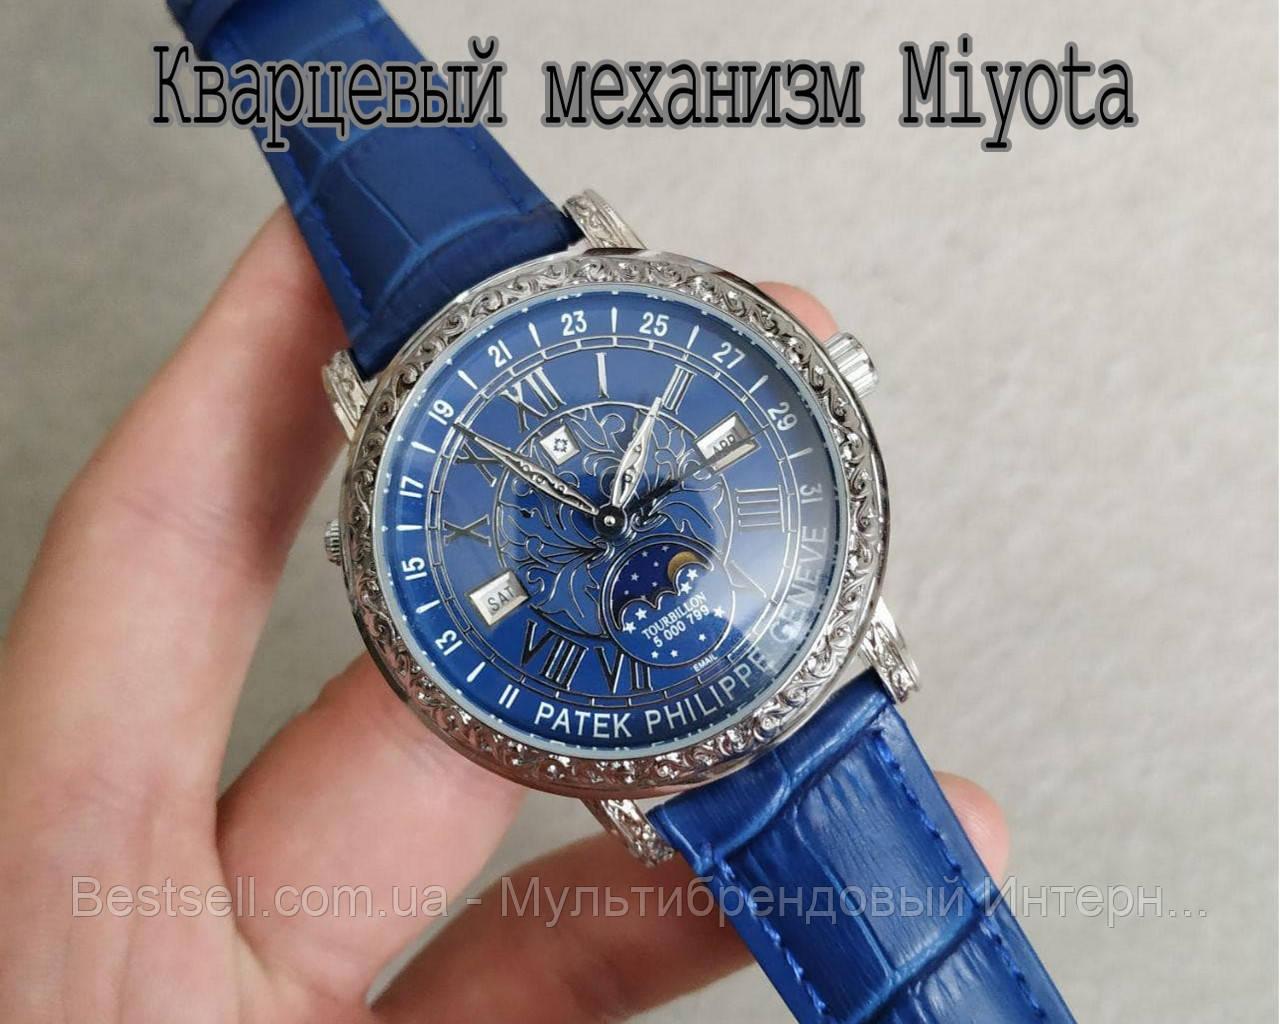 Годинники чоловічі наручні Patek Philippe Grand Complications 6002 Sky Moon патек філіп Репліка ААА класу